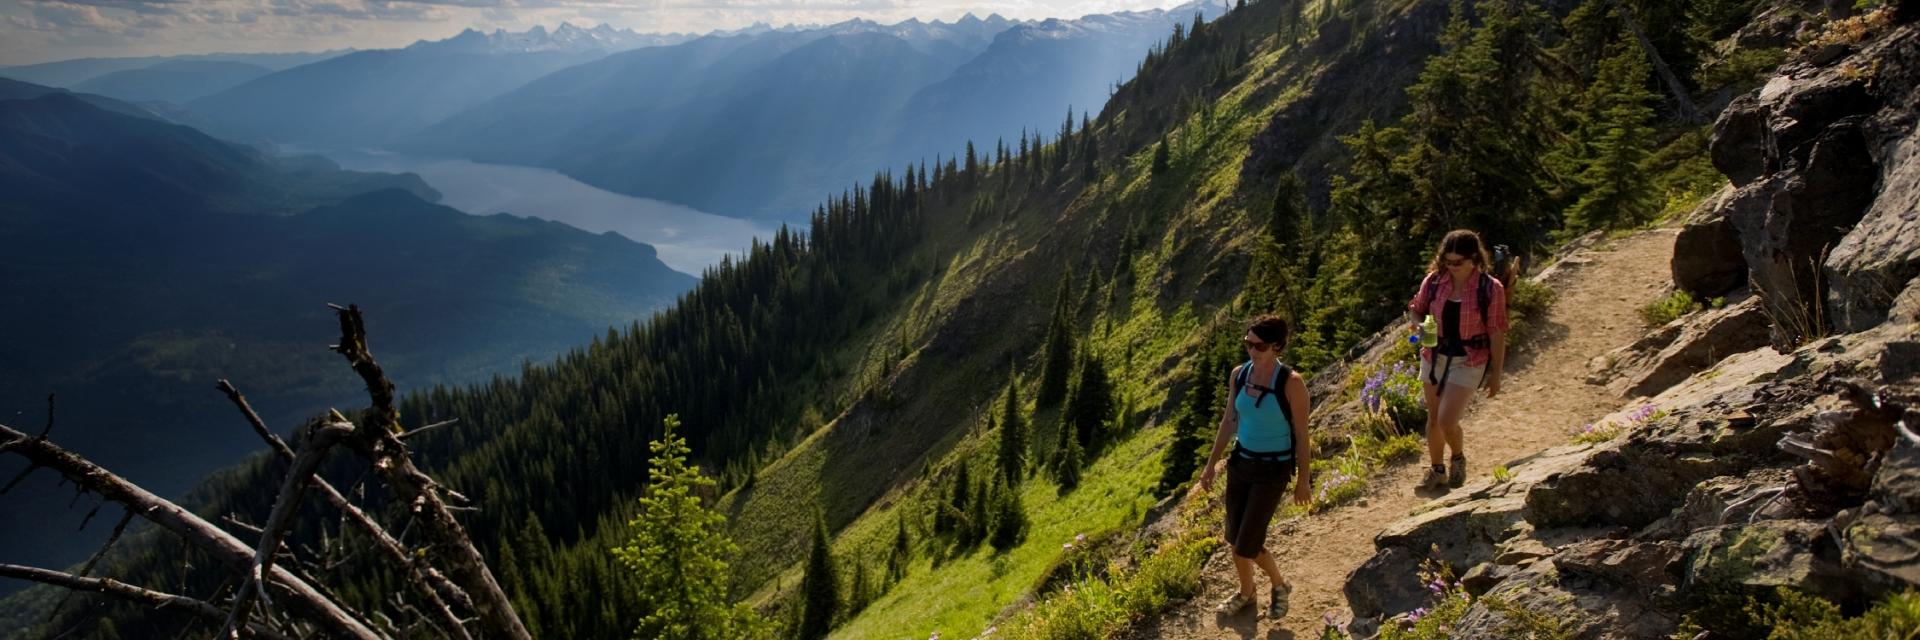 Two people hiking in British Columbia.